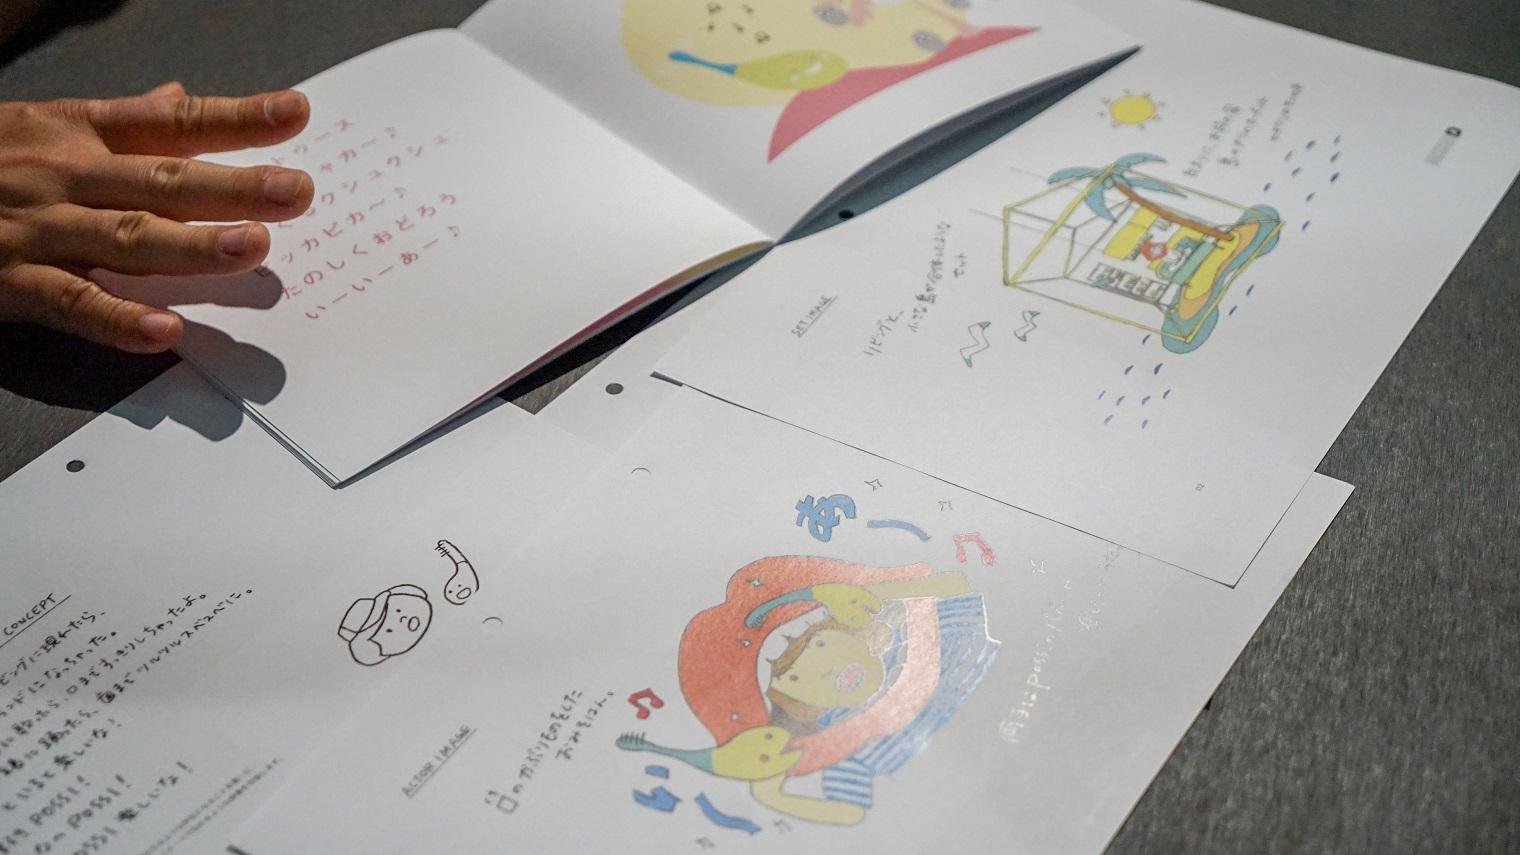 Possiの世界観を描いた絵本